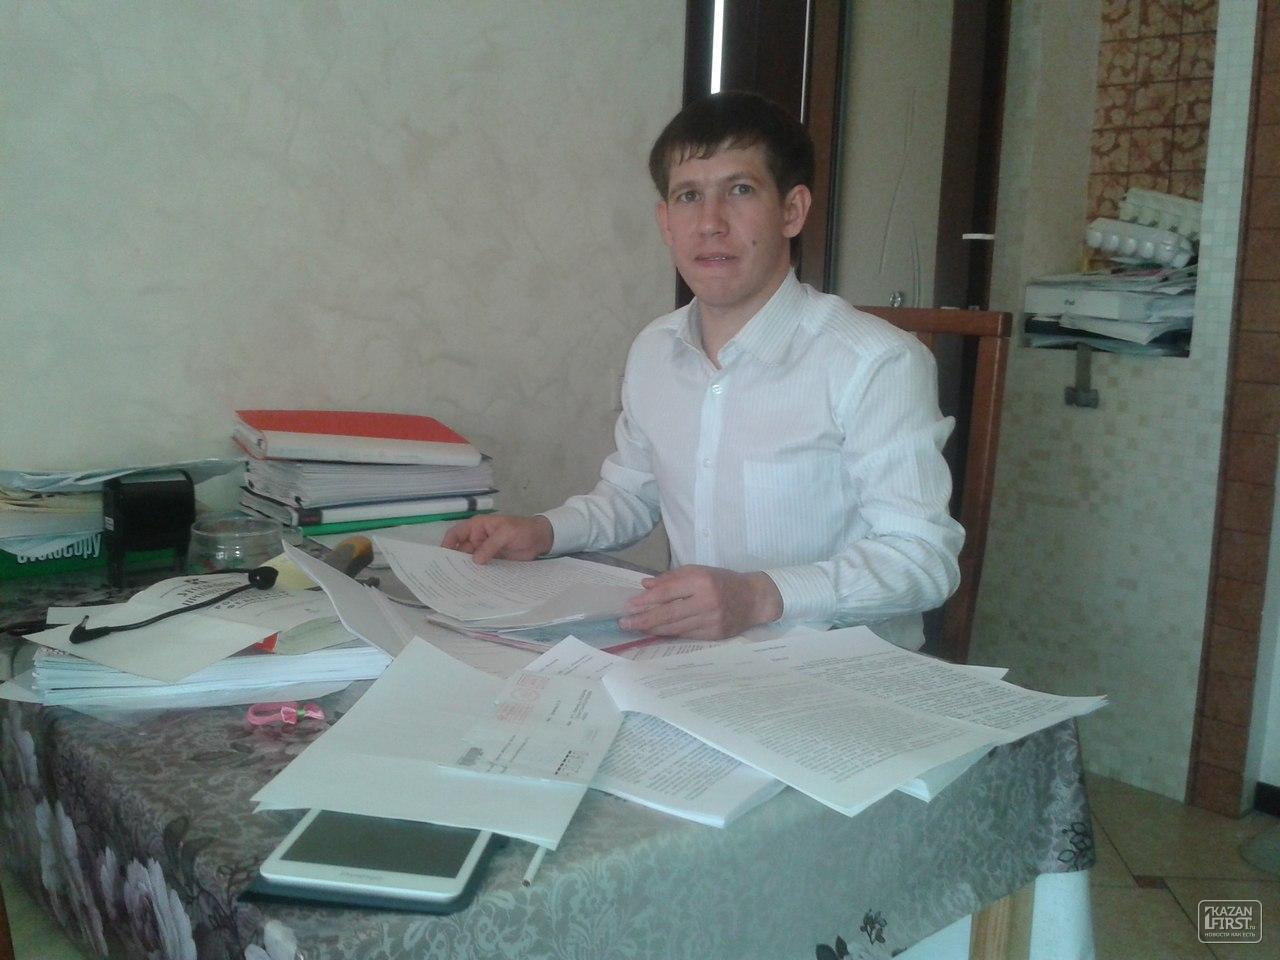 Хищение 47 млн руб. исын экс-министра Татарстана: освобождение через год